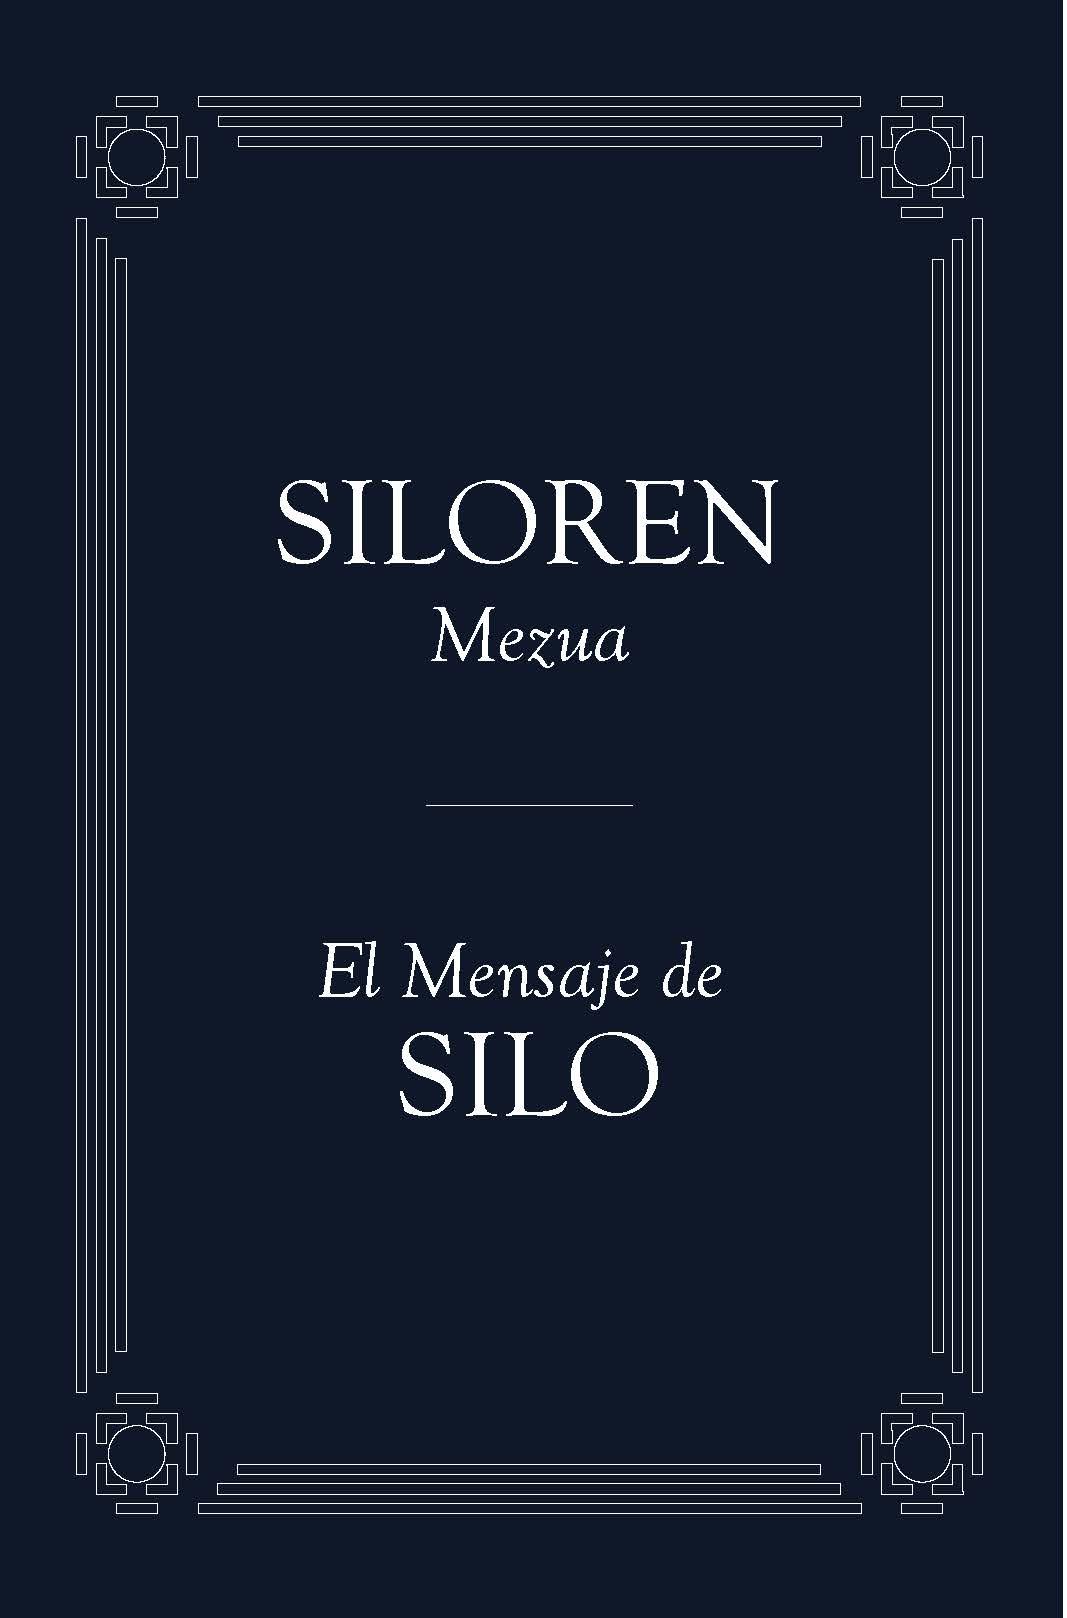 Siloren Mezua / El mensaje de Silo